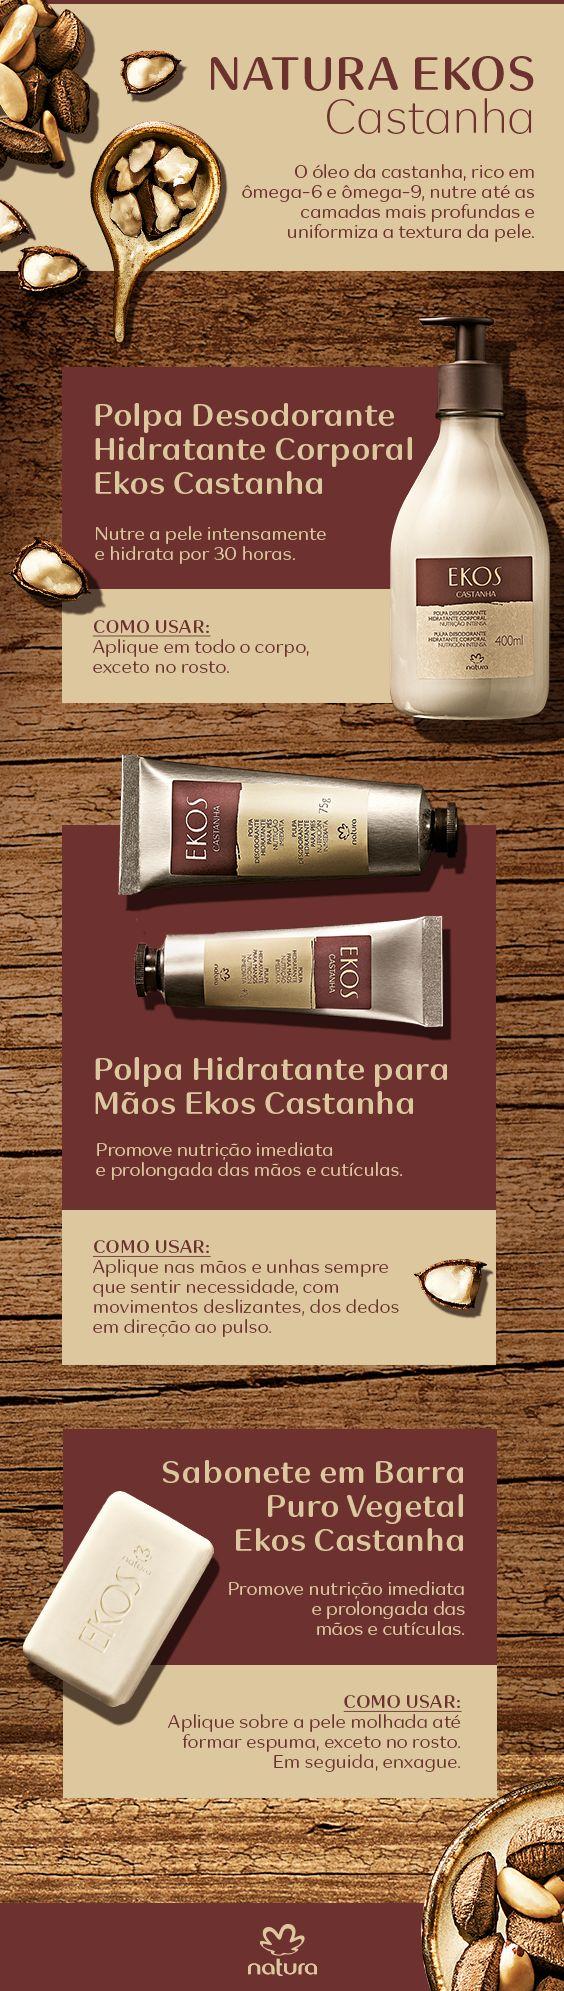 A linha de castanha é feita com o óleo de castanha, rico em ômegas 6 e 9, que nutre até as camadas mais profundas e uniformiza a textura da pele.